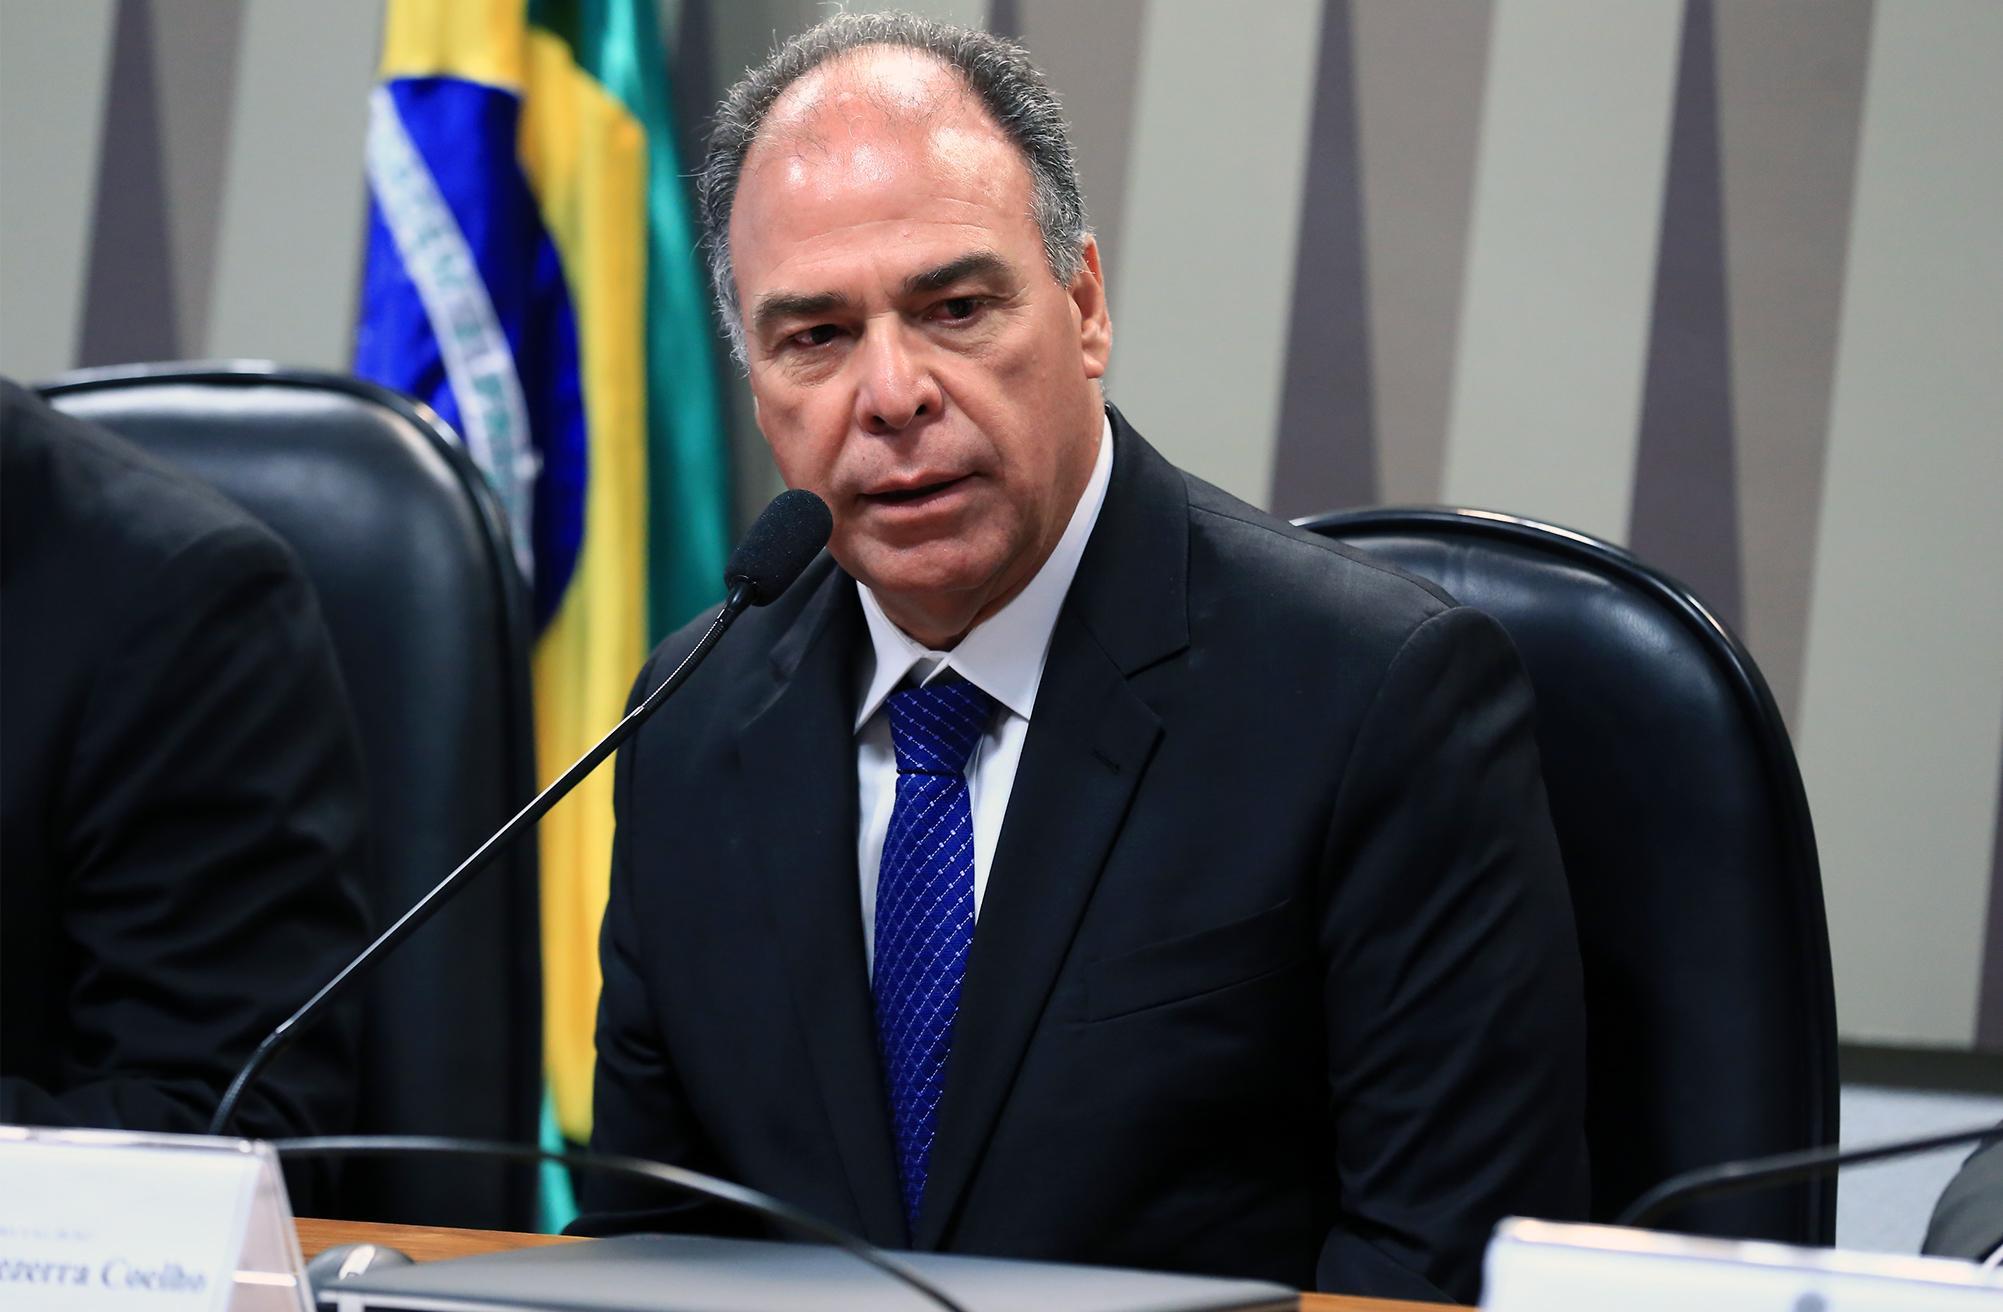 Audiência pública sobre a MP 811/17, que autoriza empresa pública a vender diretamente petróleo do pré-sal da União. Sen. Fernando Bezerra Coelho